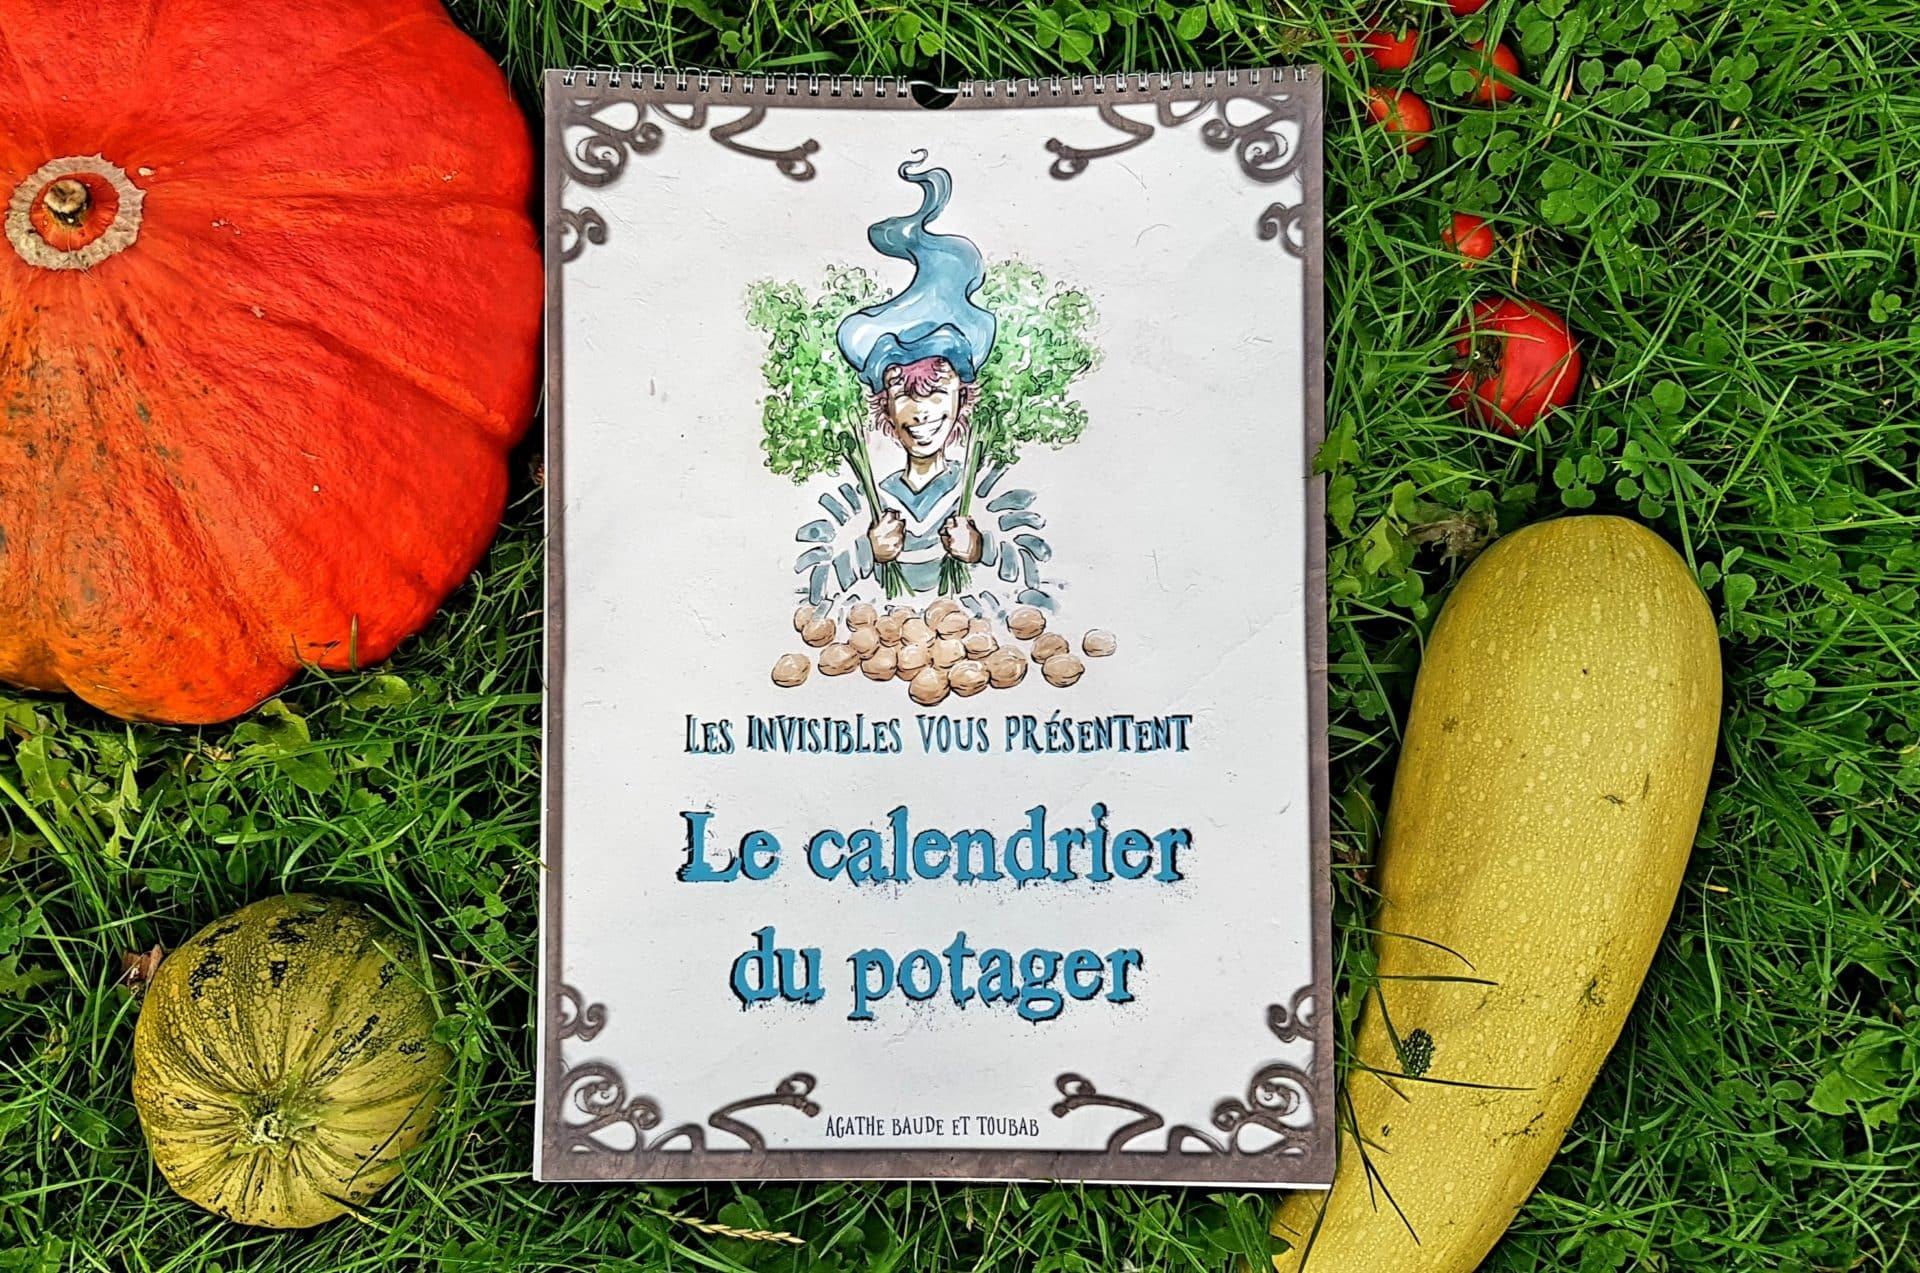 Calendrier du potager